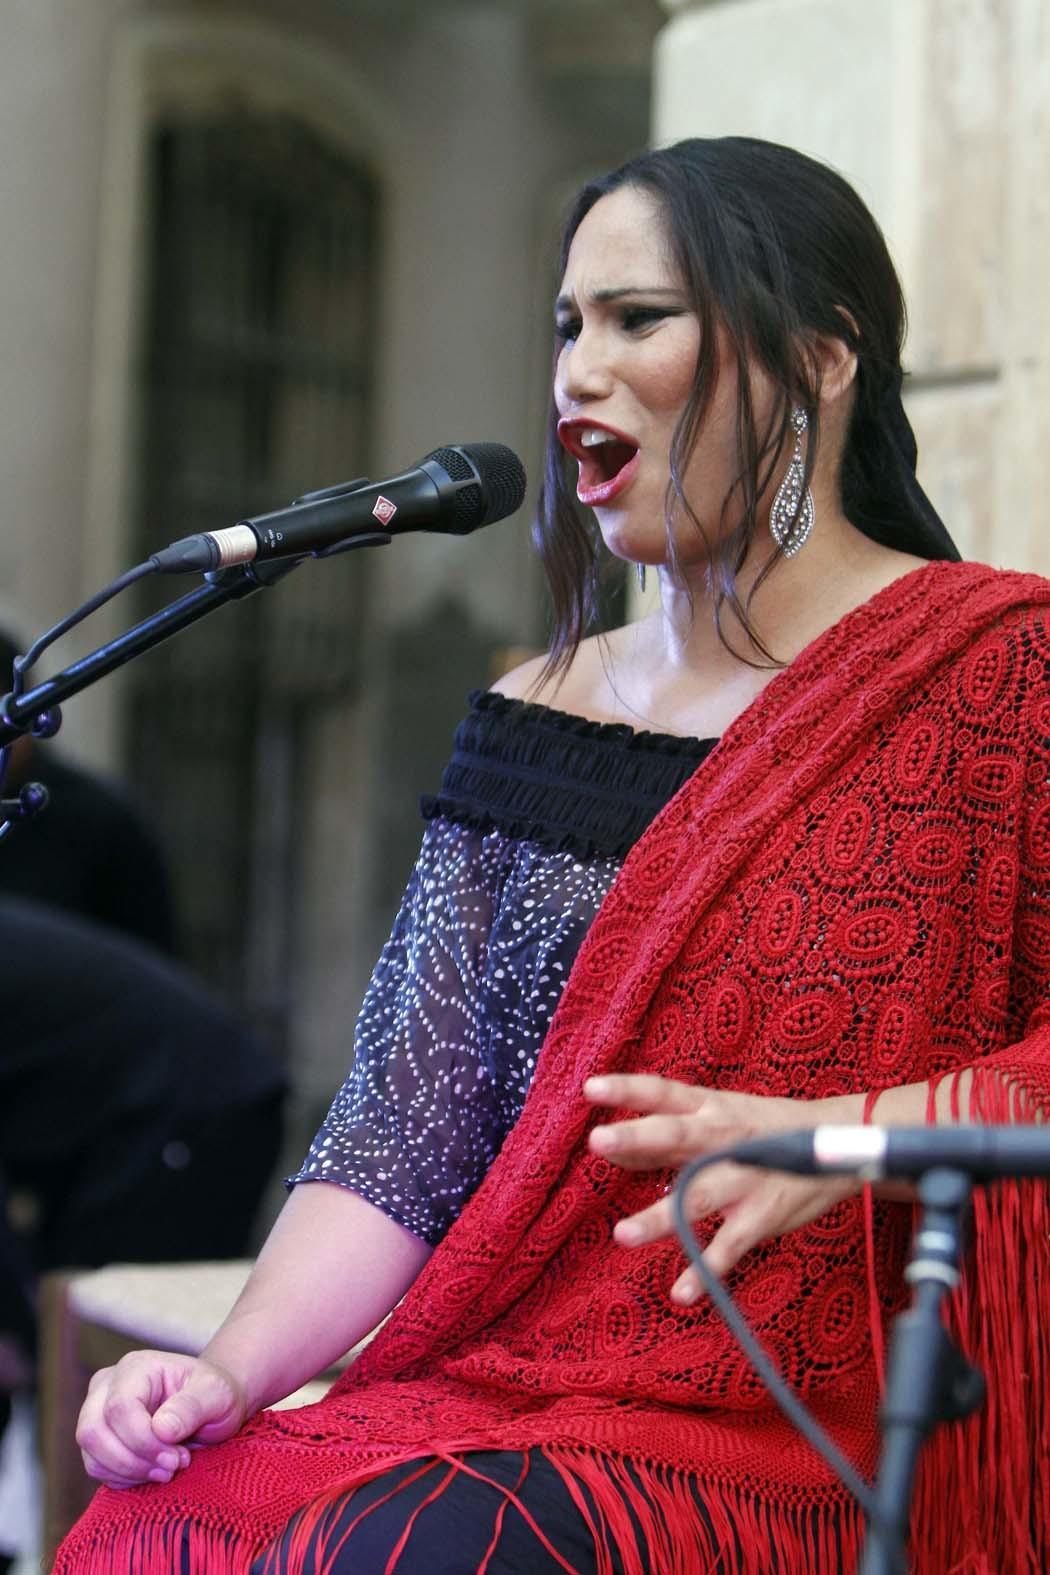 El cante de Toñi Fernández cierra el jueves 'Plazeando II' en Plaza Careaga